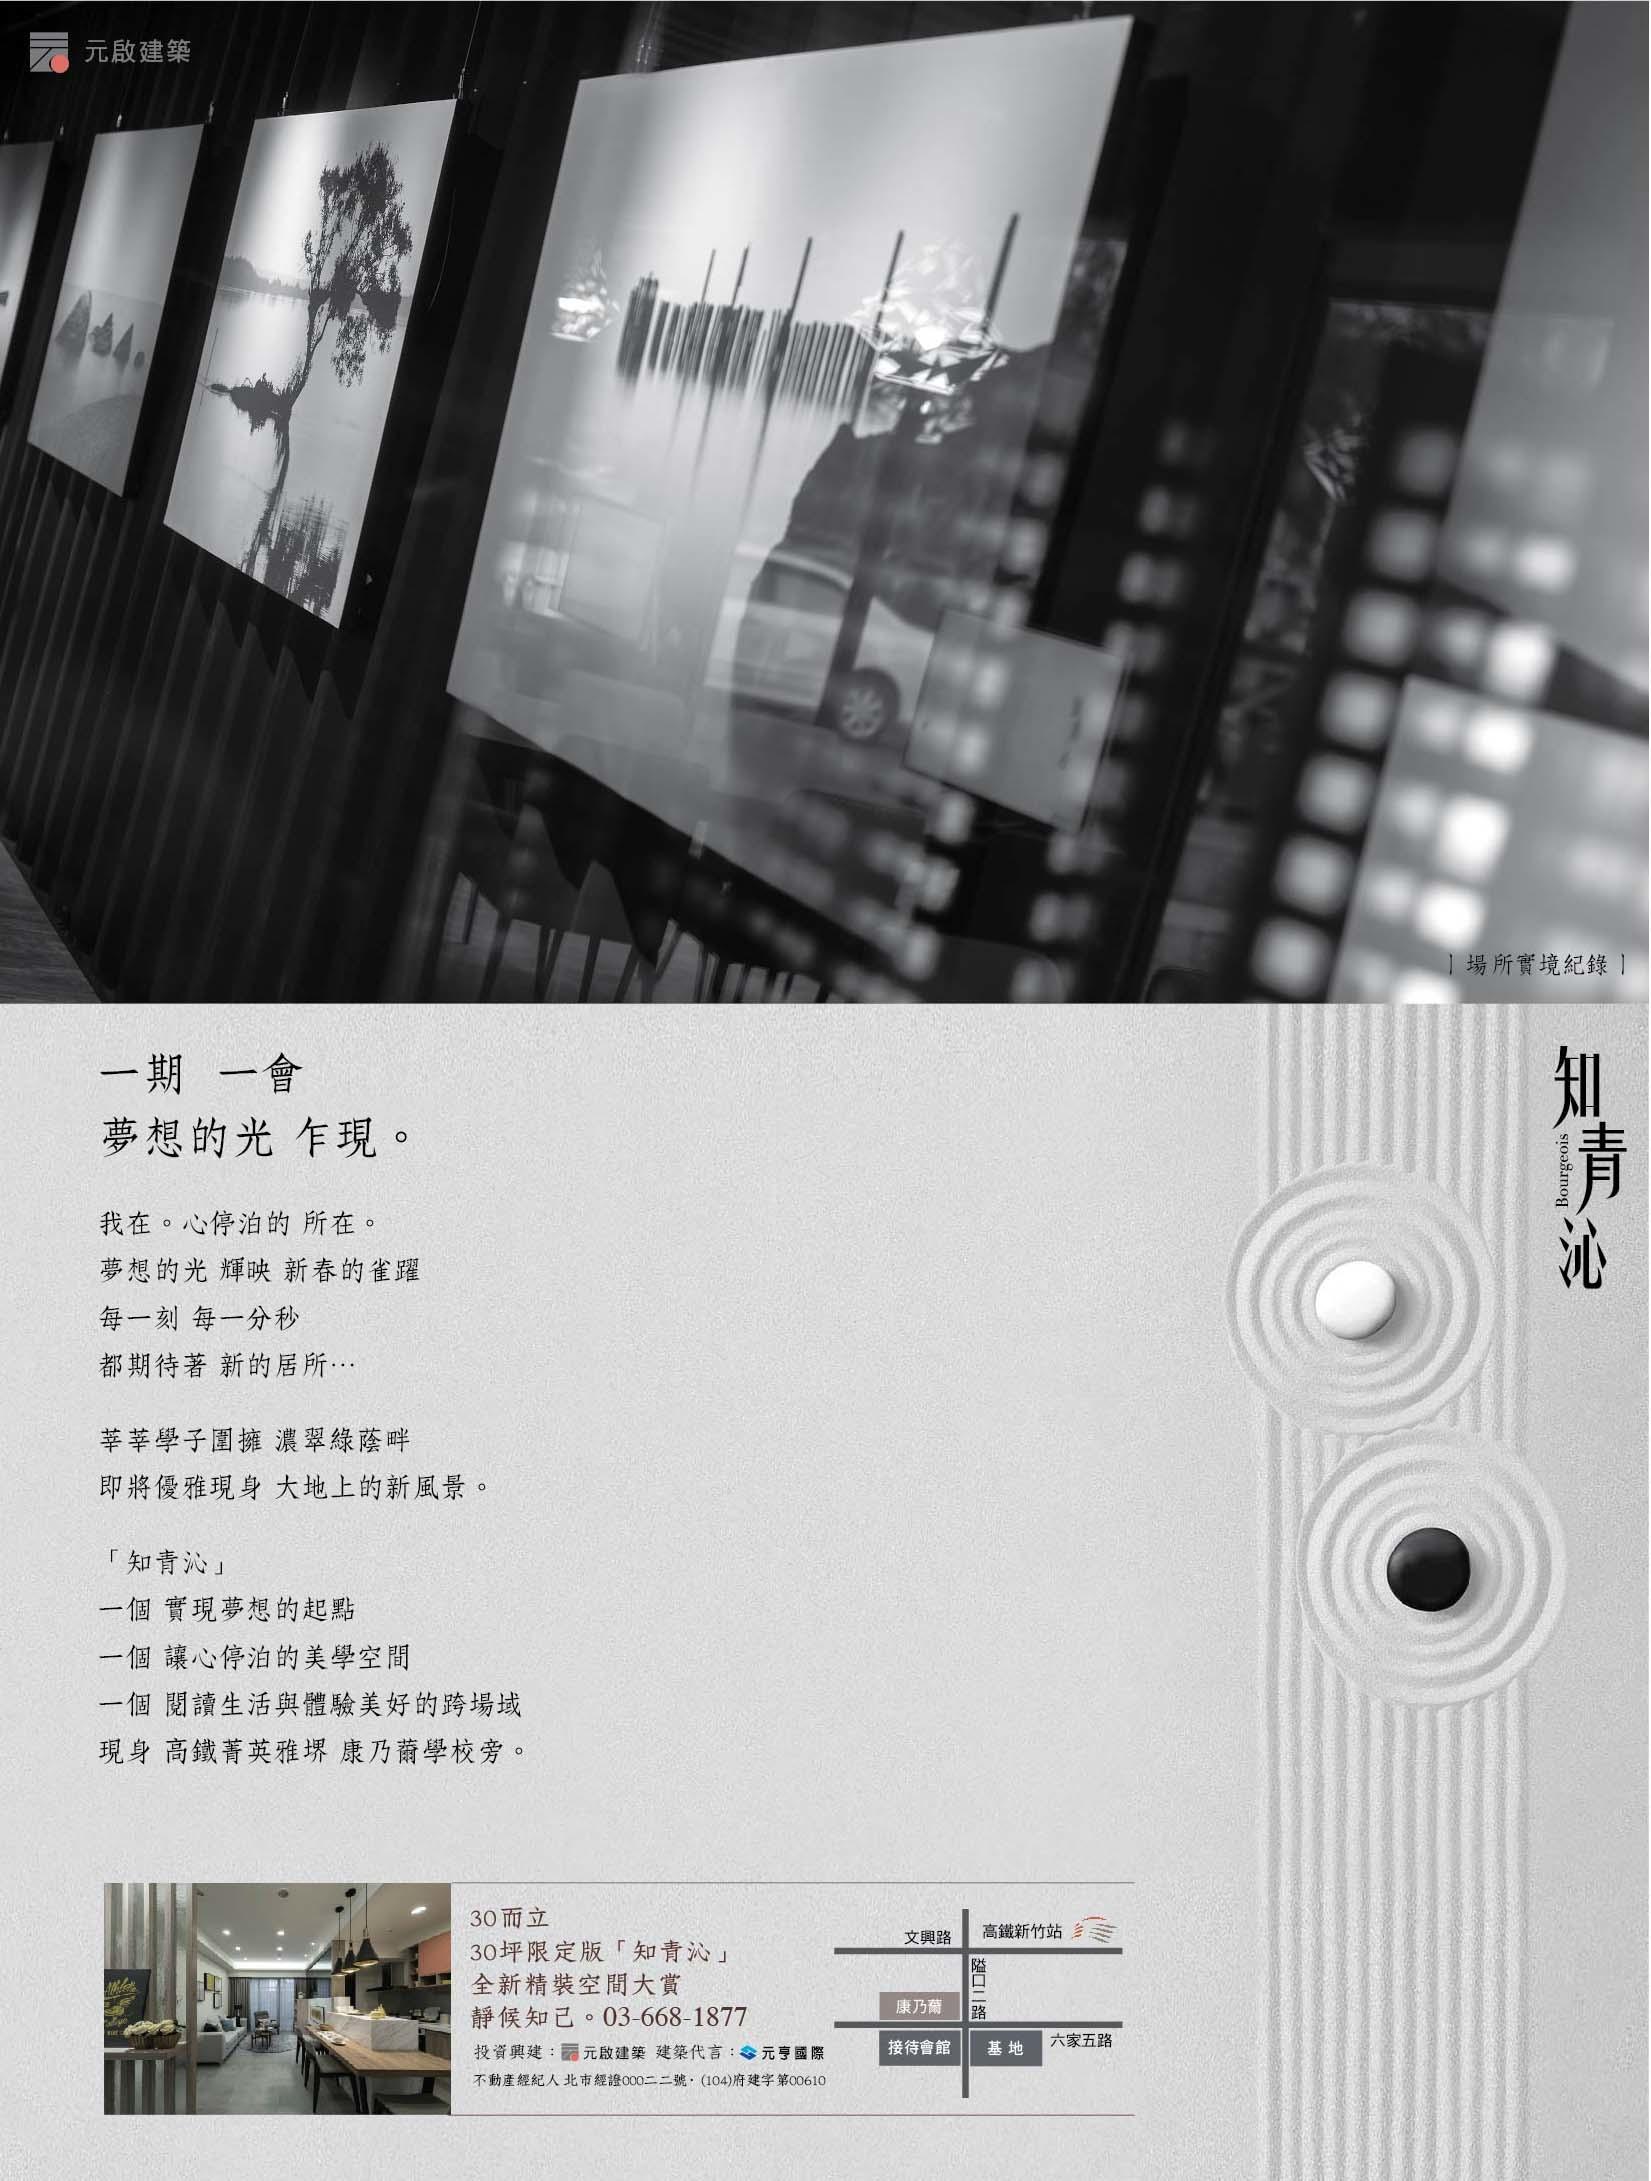 [竹北高鐵]元啟建設-知青沁(大樓)20180330.jpg